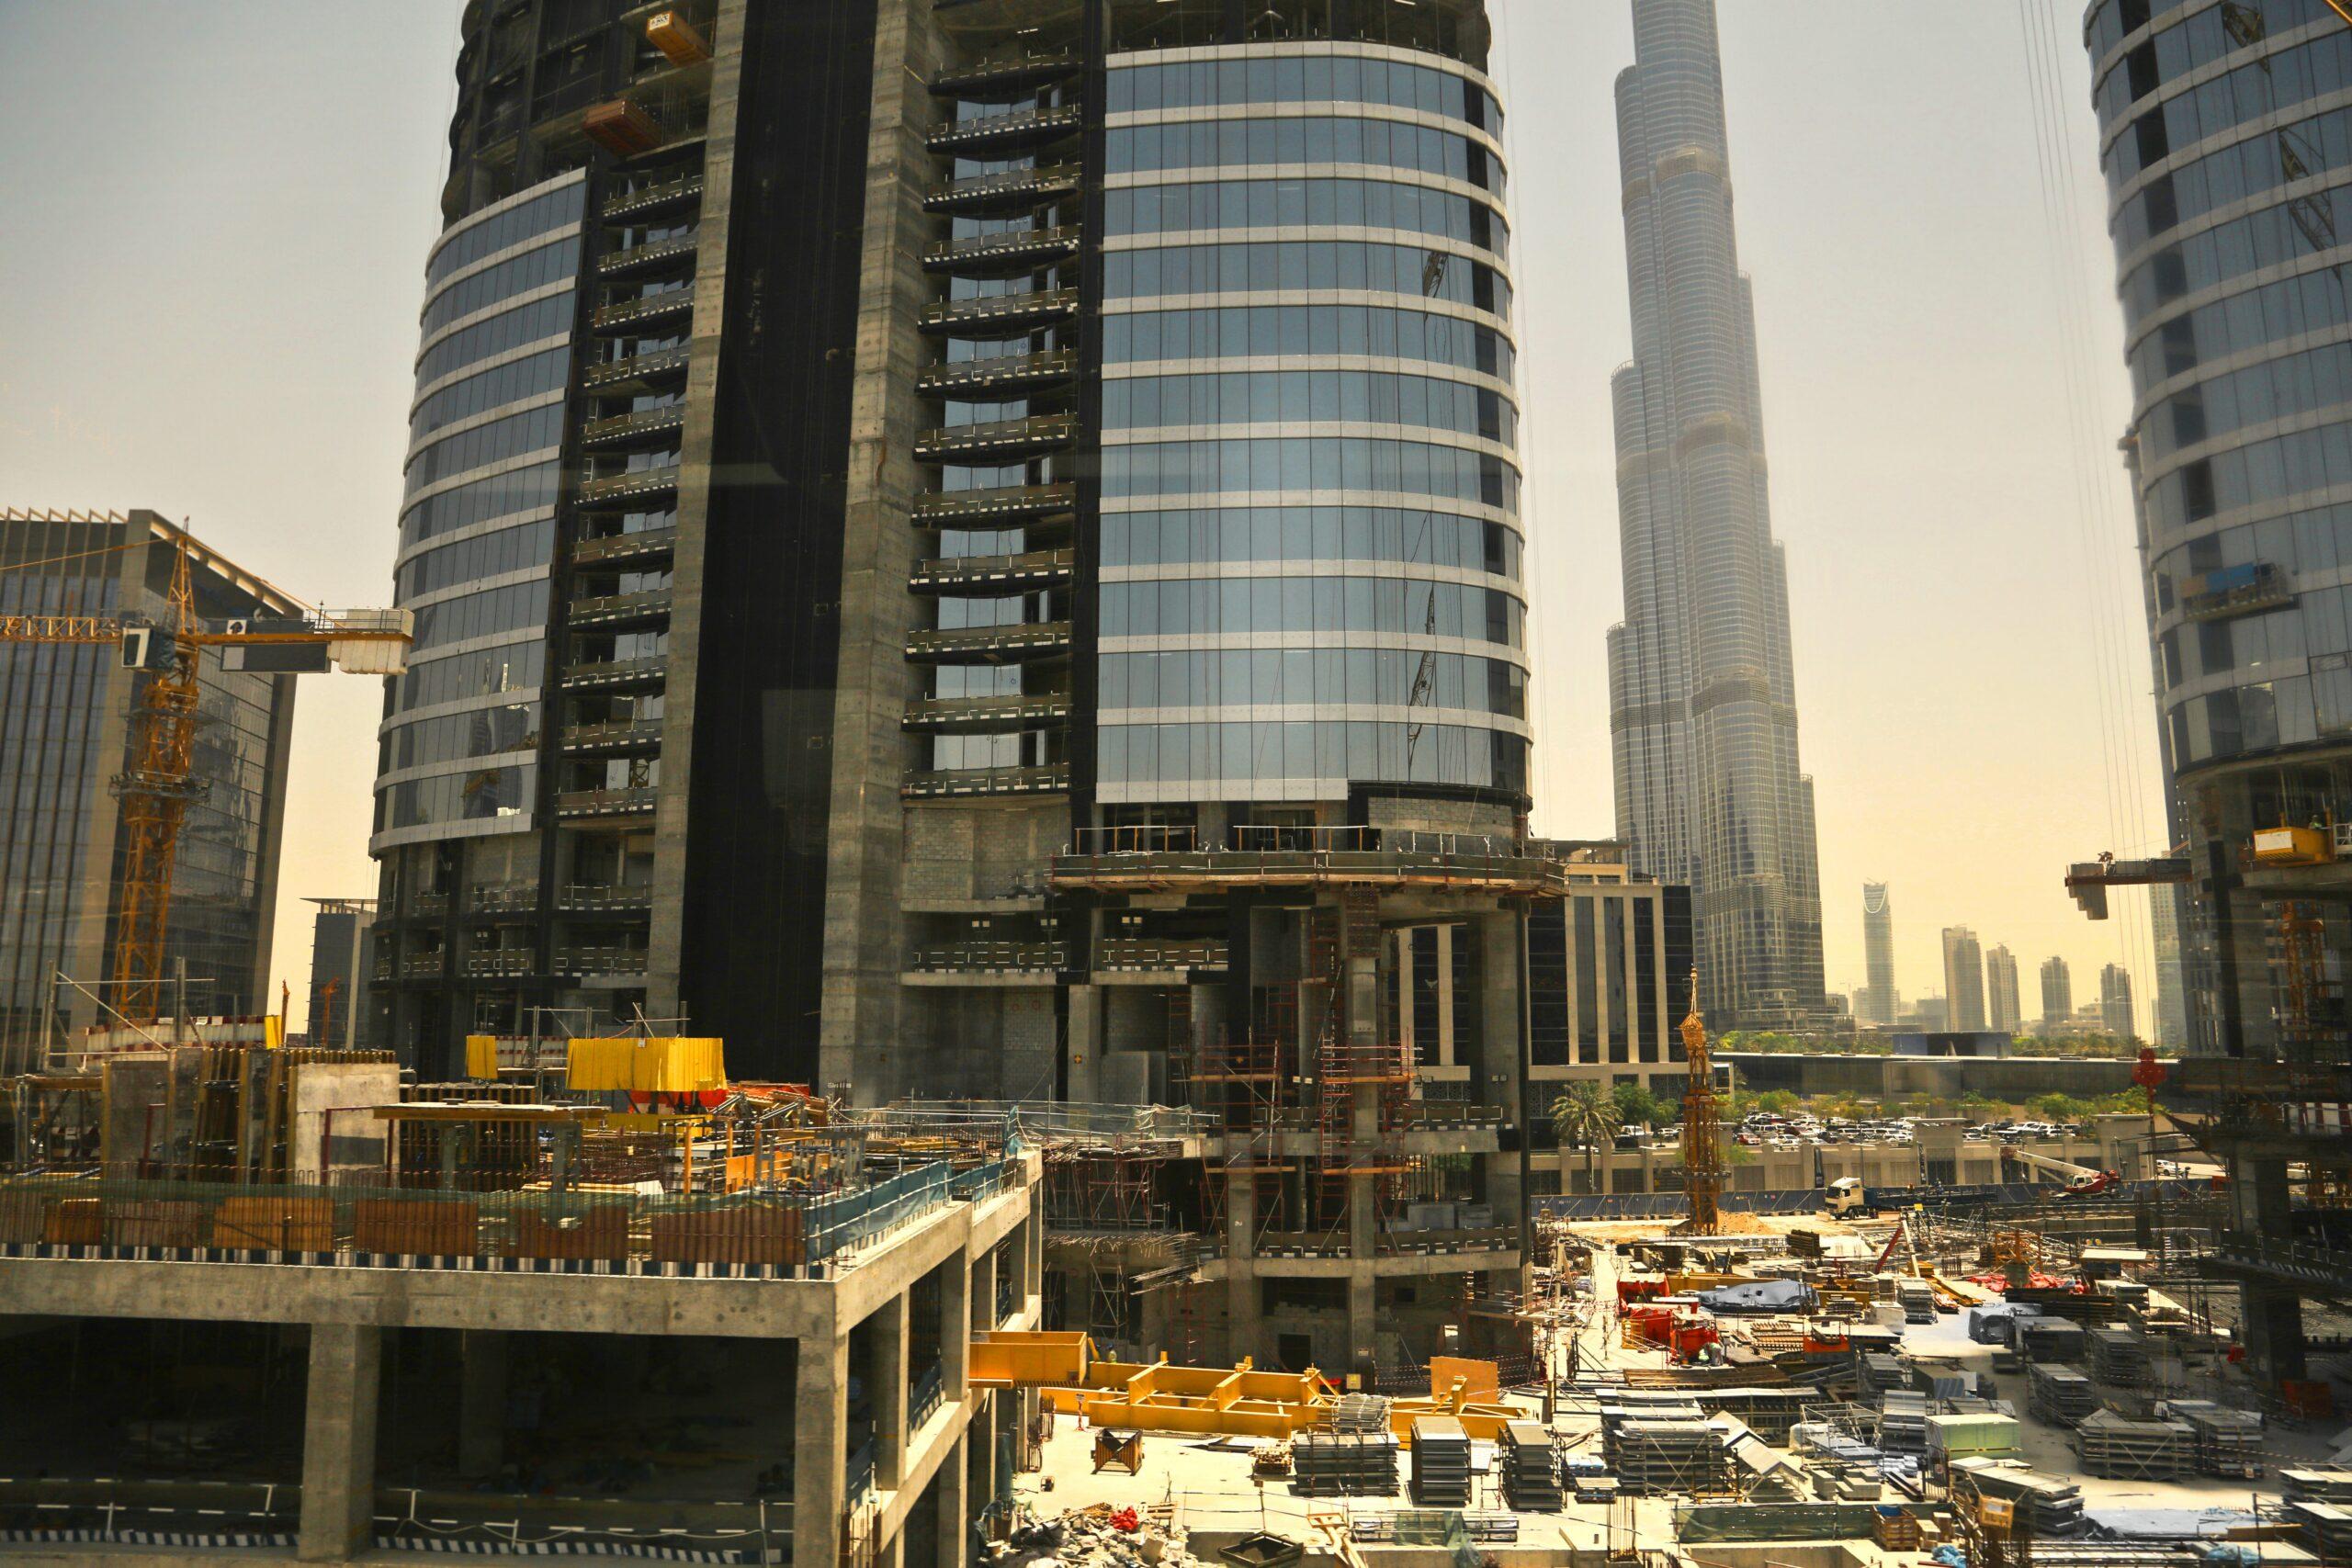 Baustellenüberwachung garbsen, Baustellenbewachung Sicherheitsdienst Baustelle, Bau bewachen, sicherheitsdienst garbsen